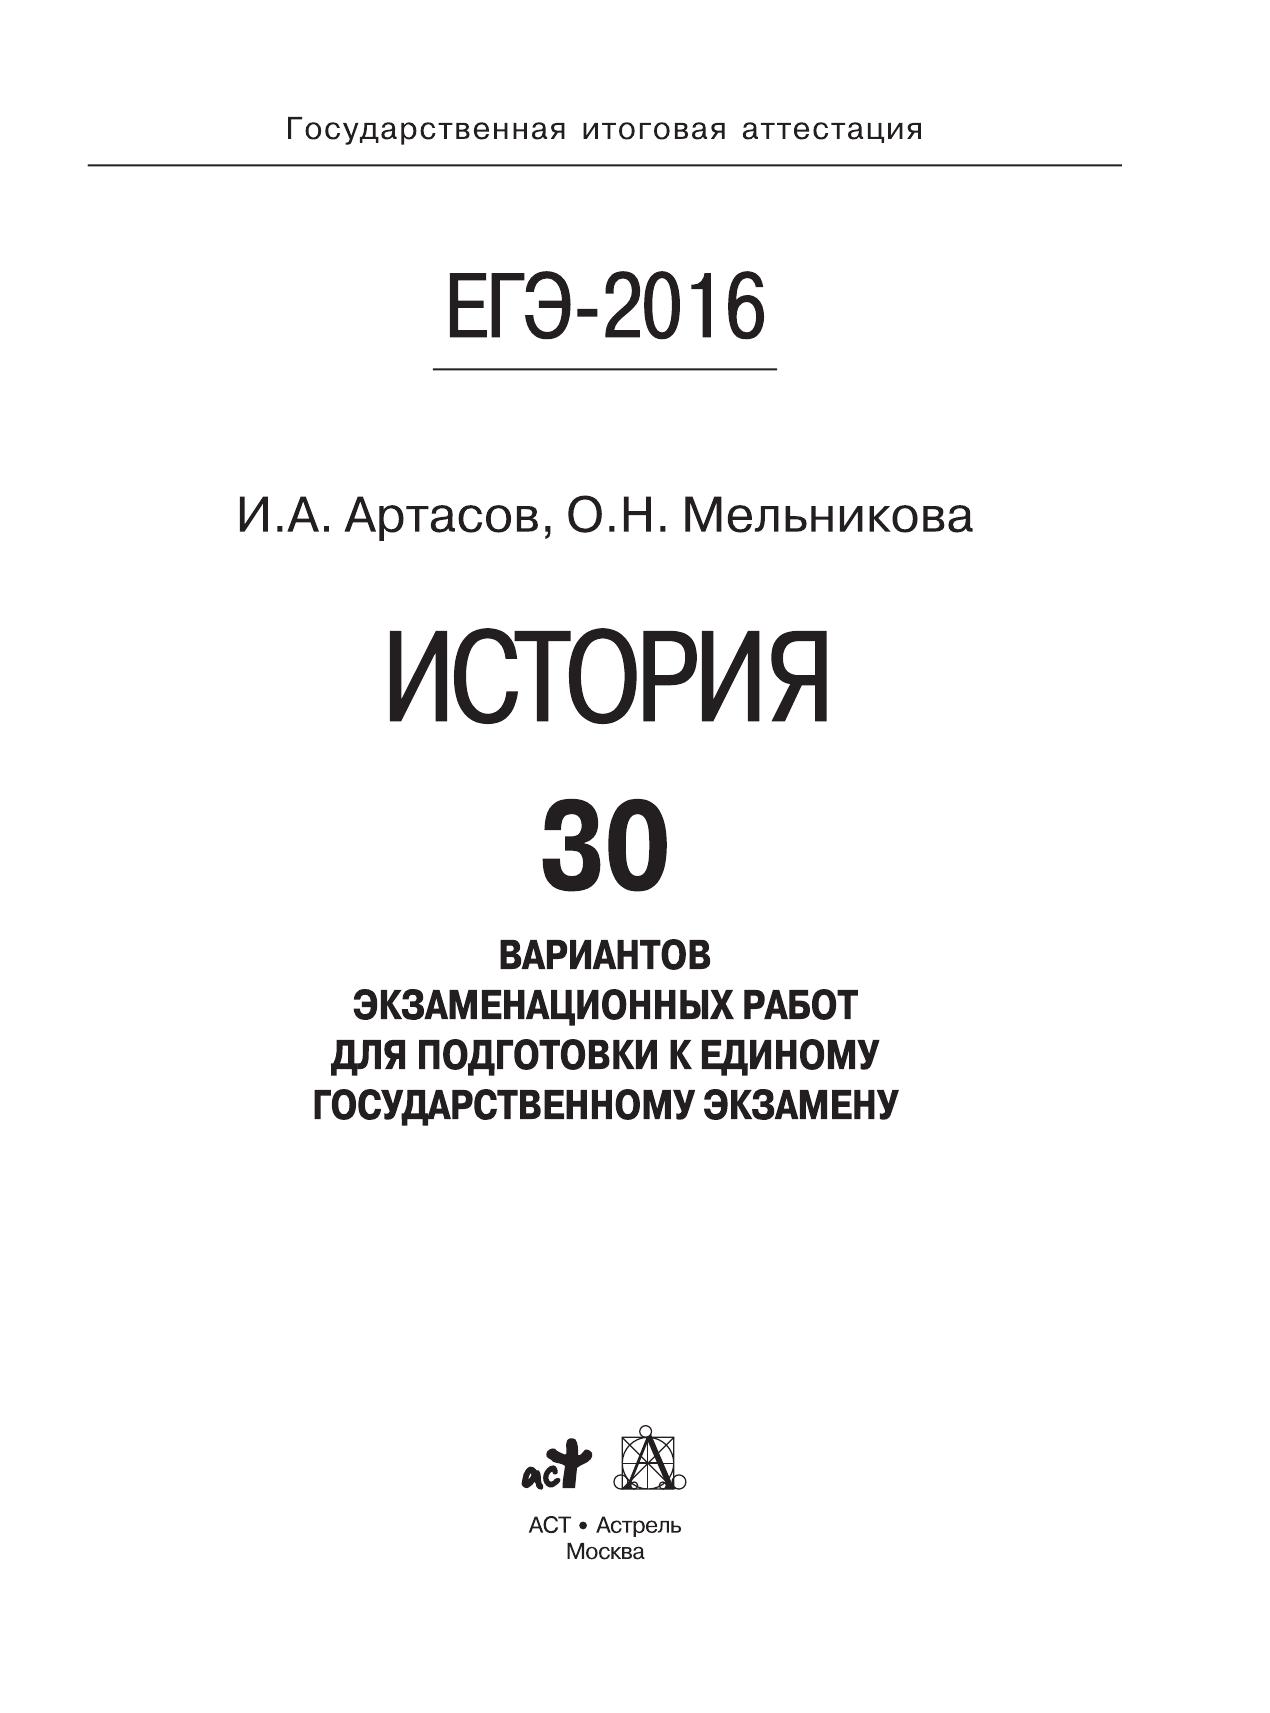 АРТАСОВ МЕЛЬНИКОВА ЕГЭ 2016 ИСТОРИЯ СКАЧАТЬ БЕСПЛАТНО